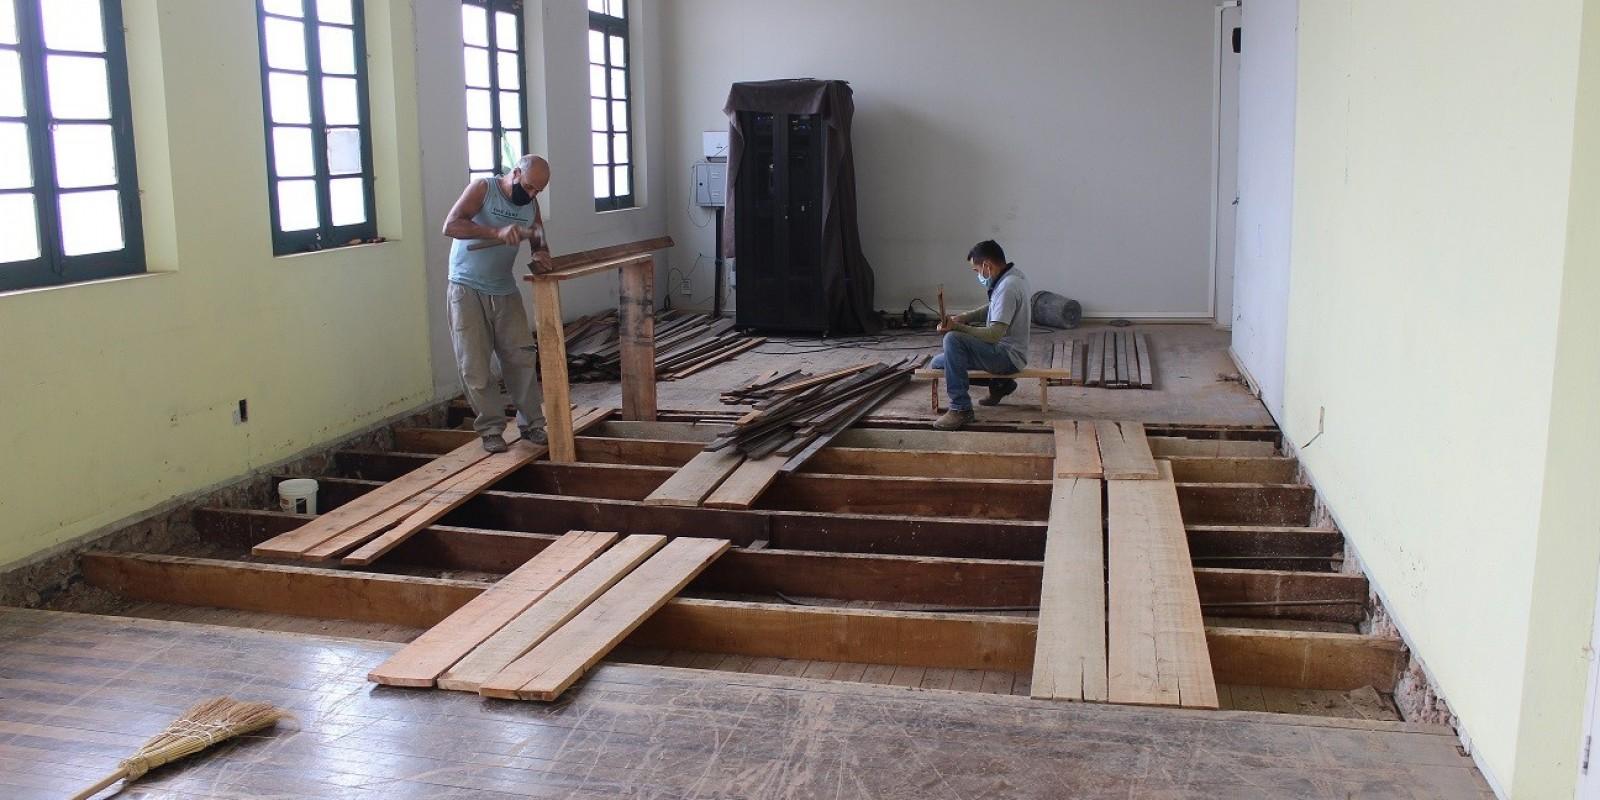 Melhorias continuam sendo realizadas no prédio histórico da Prefeitura de São Ludgero